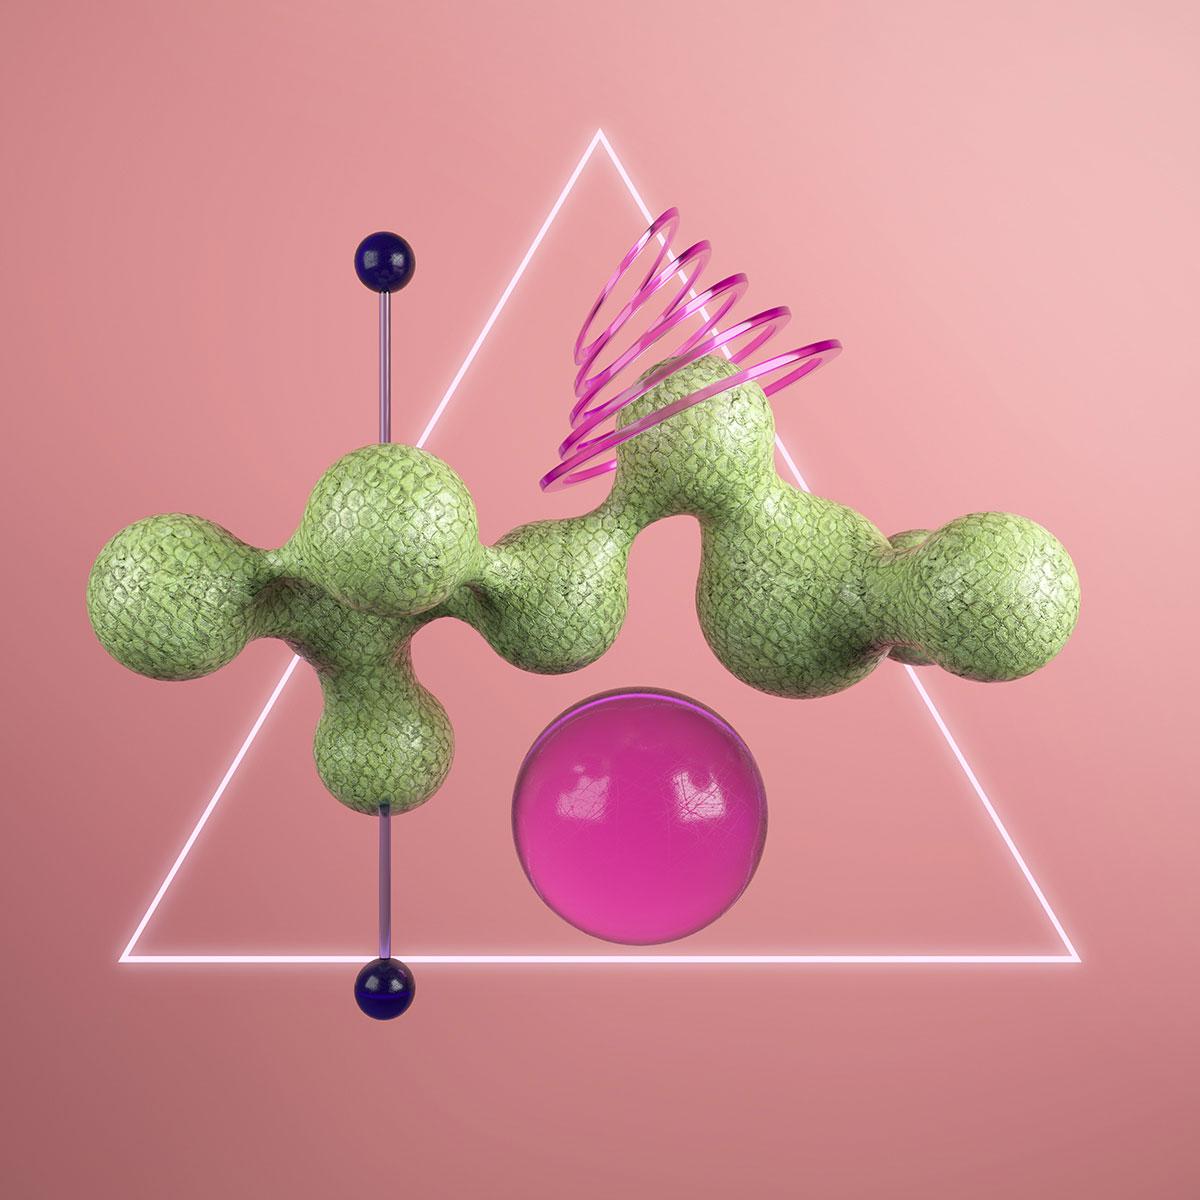 Πράσινο κομμάτι γλυπτό με ροζ στοιχεία.